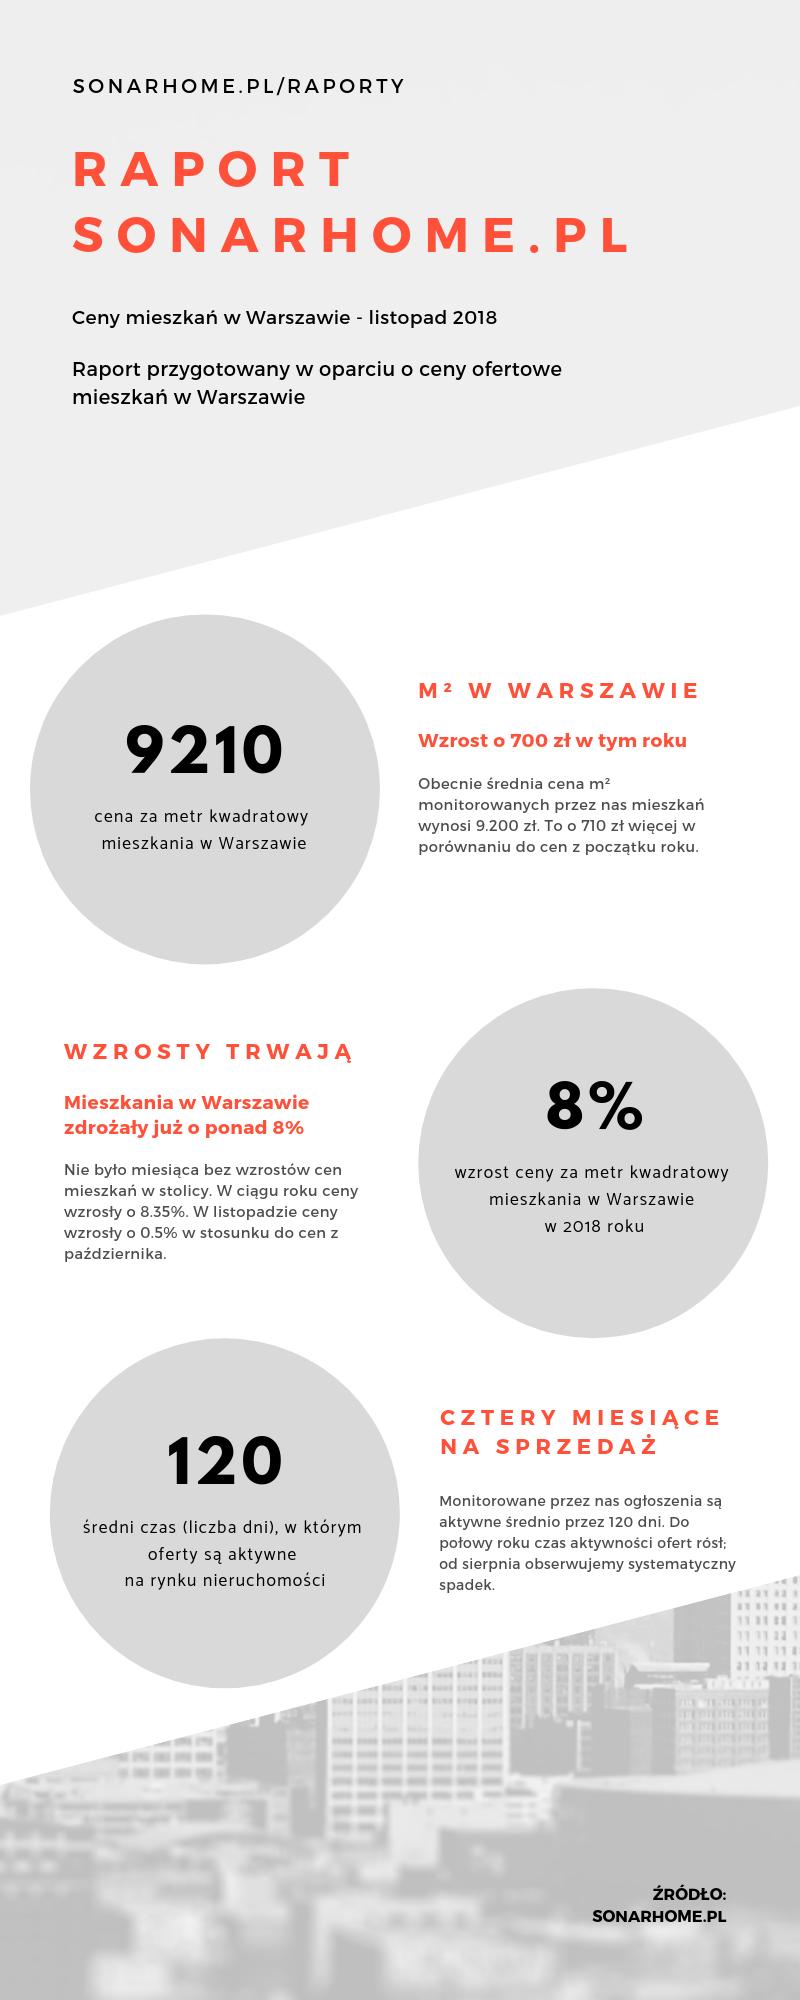 Ceny mieszkań w Warszawie - jak kształtowały się w ciągu ostatnich miesięcy? (+infografika)